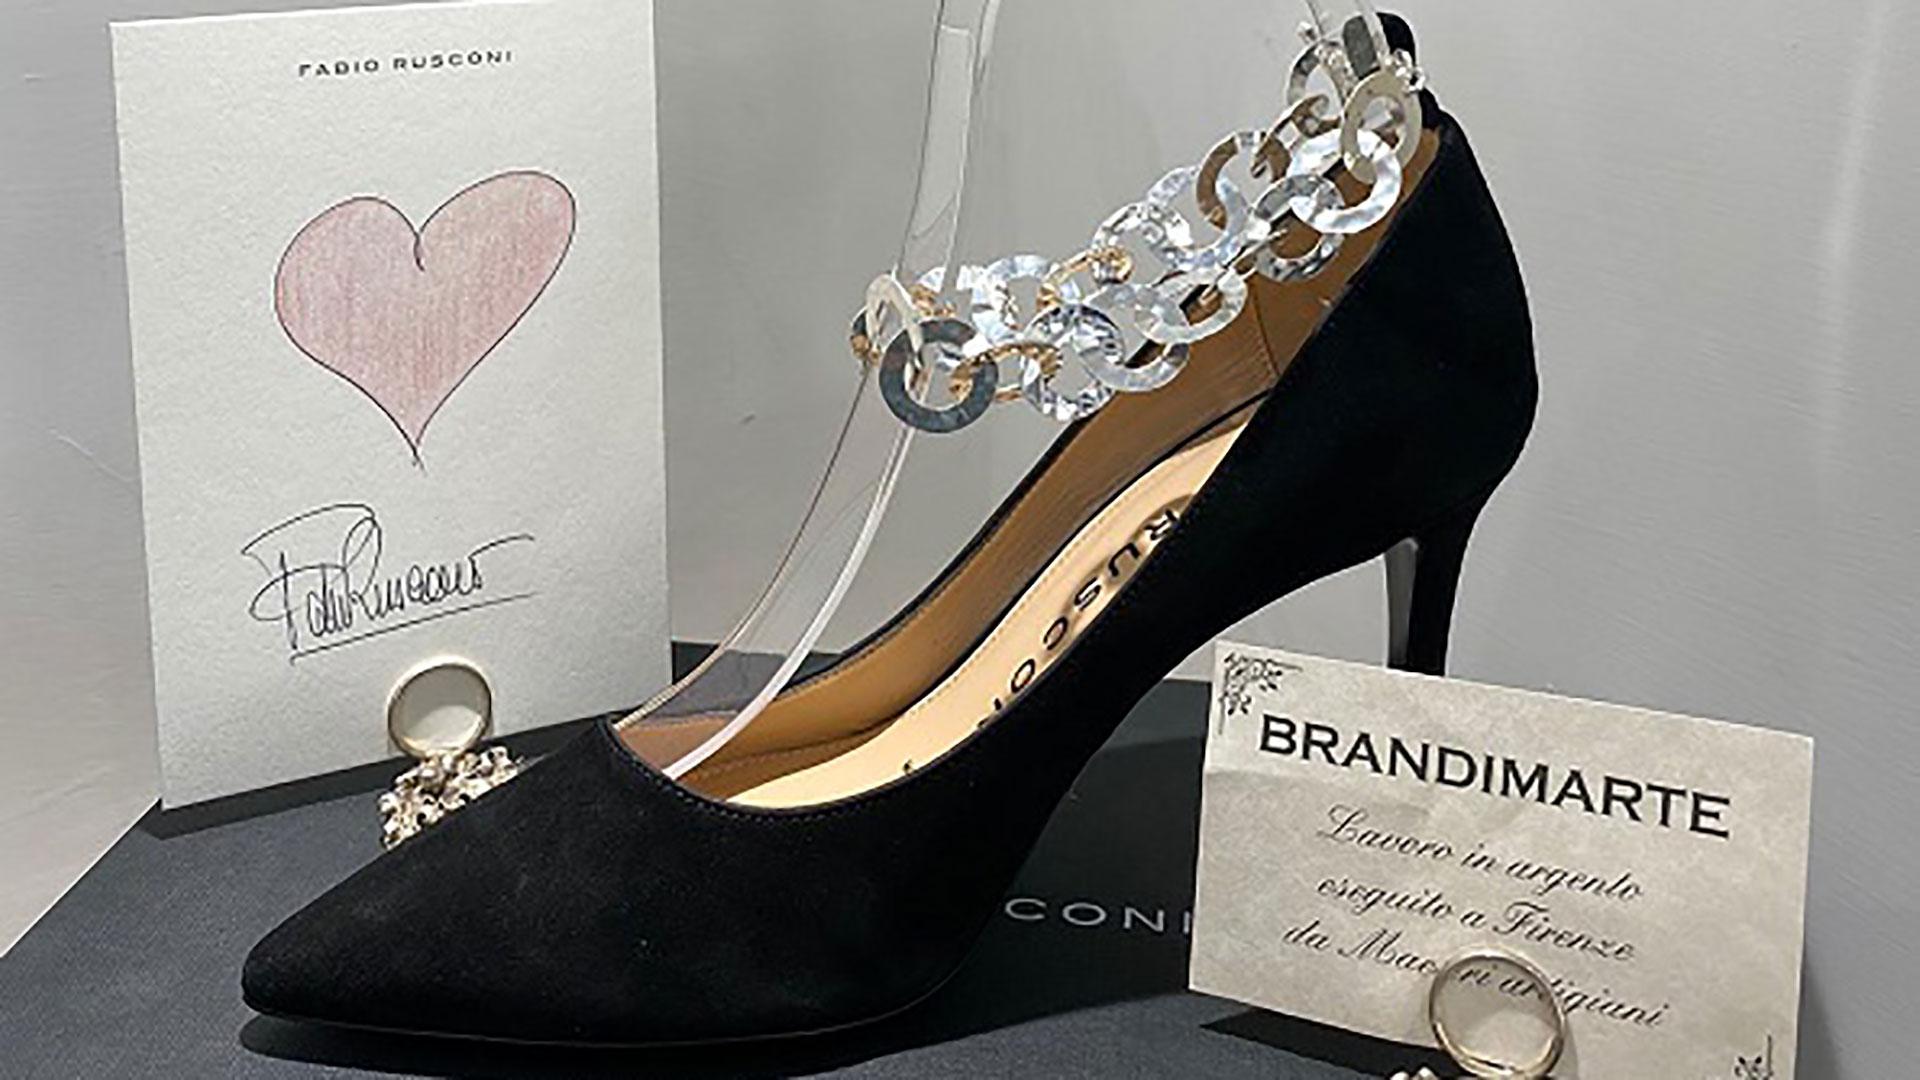 Fiorenza scarpa gioiello